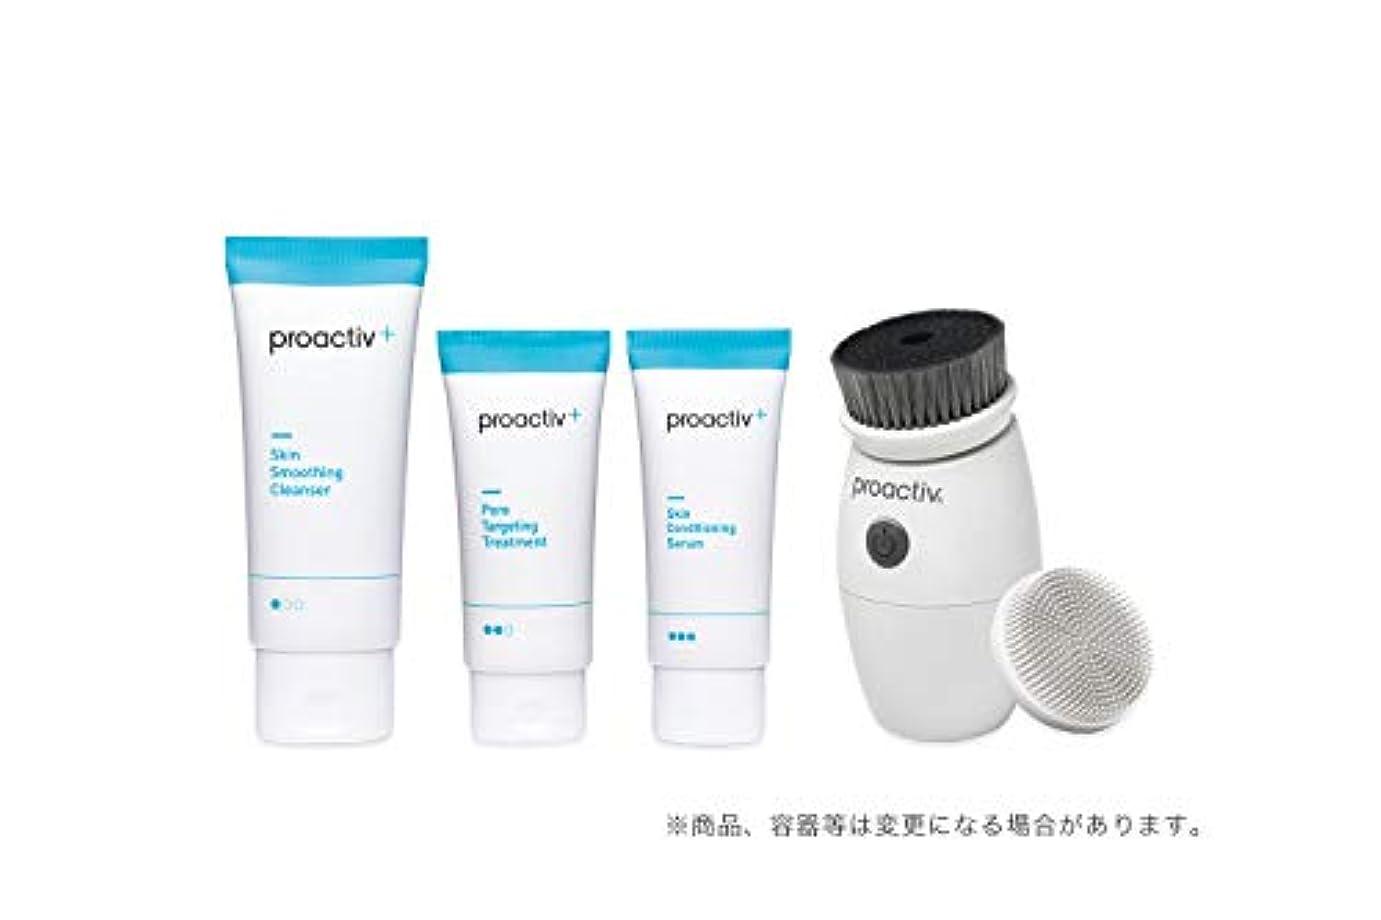 粒司教争いプロアクティブ+ Proactiv+ 薬用3ステップセット (30日セット) ポアクレンジング電動洗顔ブラシ(シリコンブラシ付) プレゼント 公式ガイド付